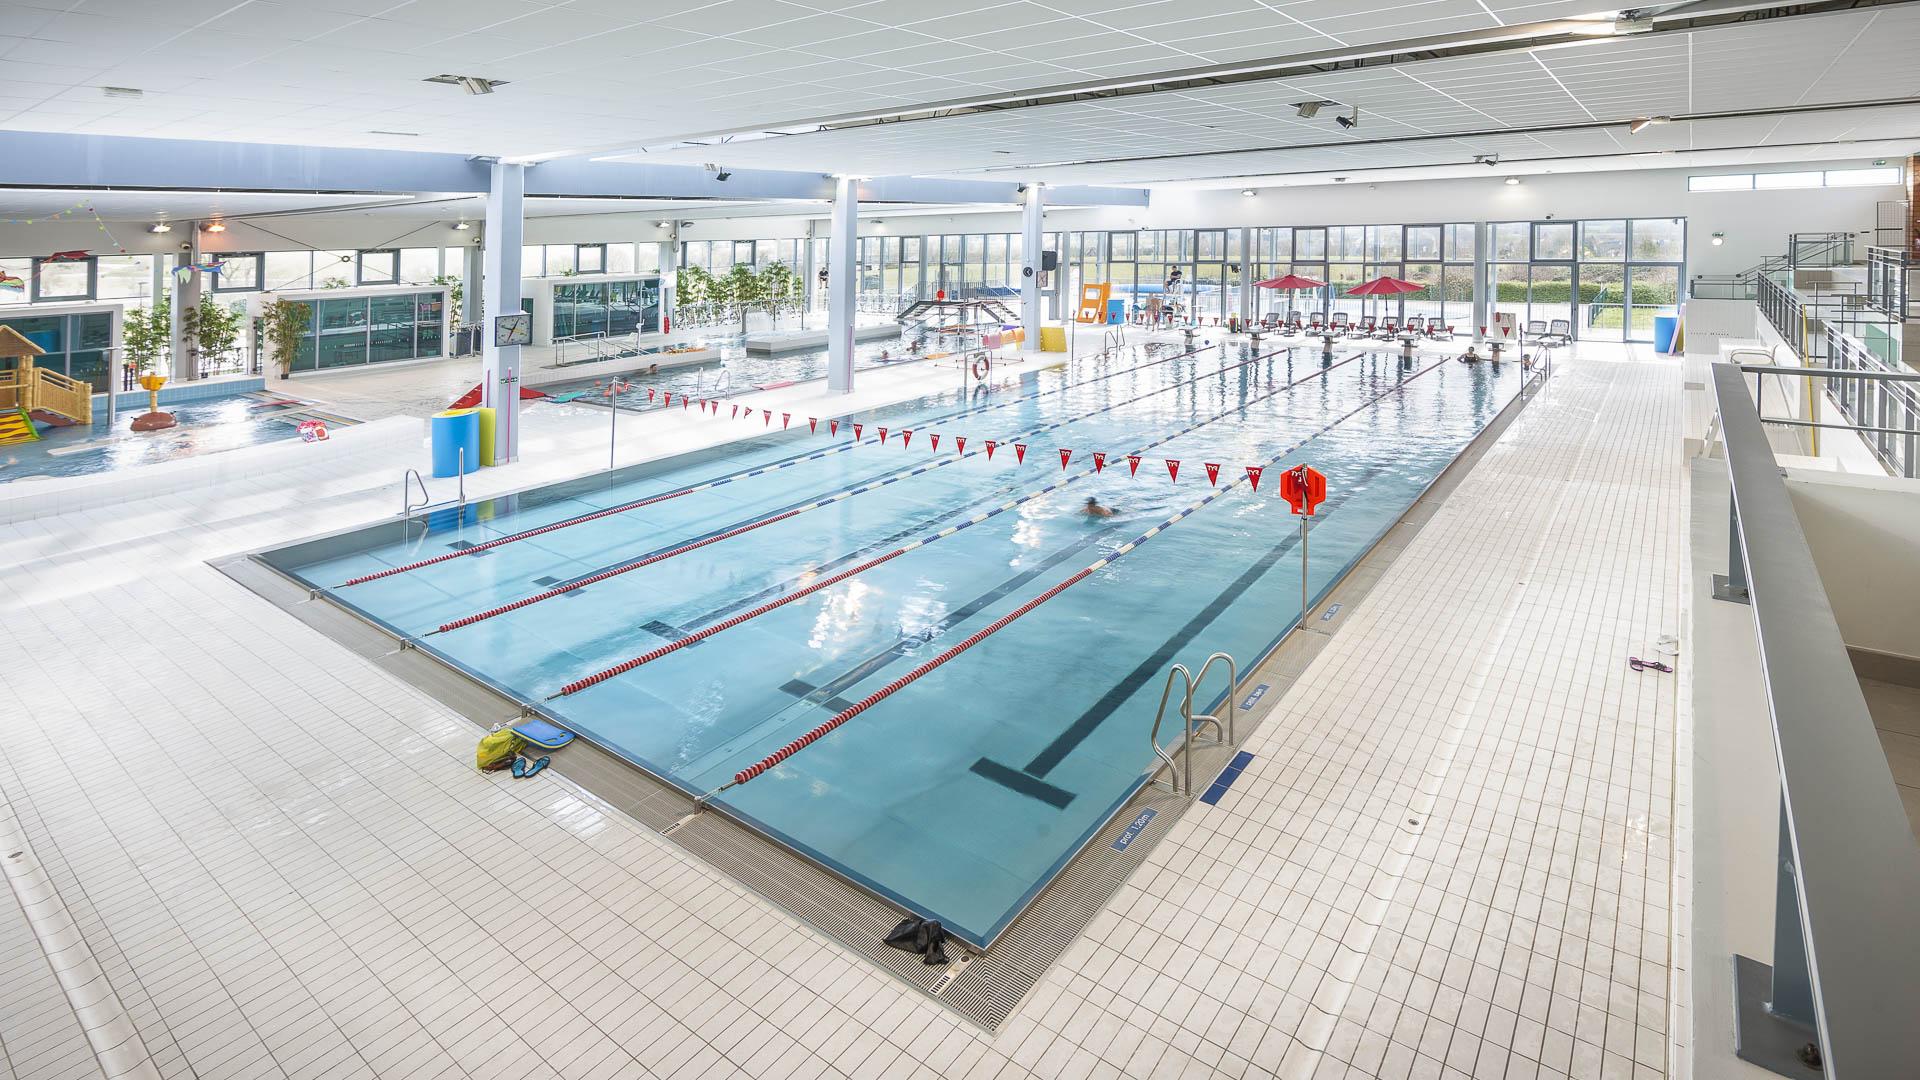 Sélection d'Activités Sportives Gratuites - Ex: Entrée Gratuite au Centre Nautique de Châteaugiron (35)